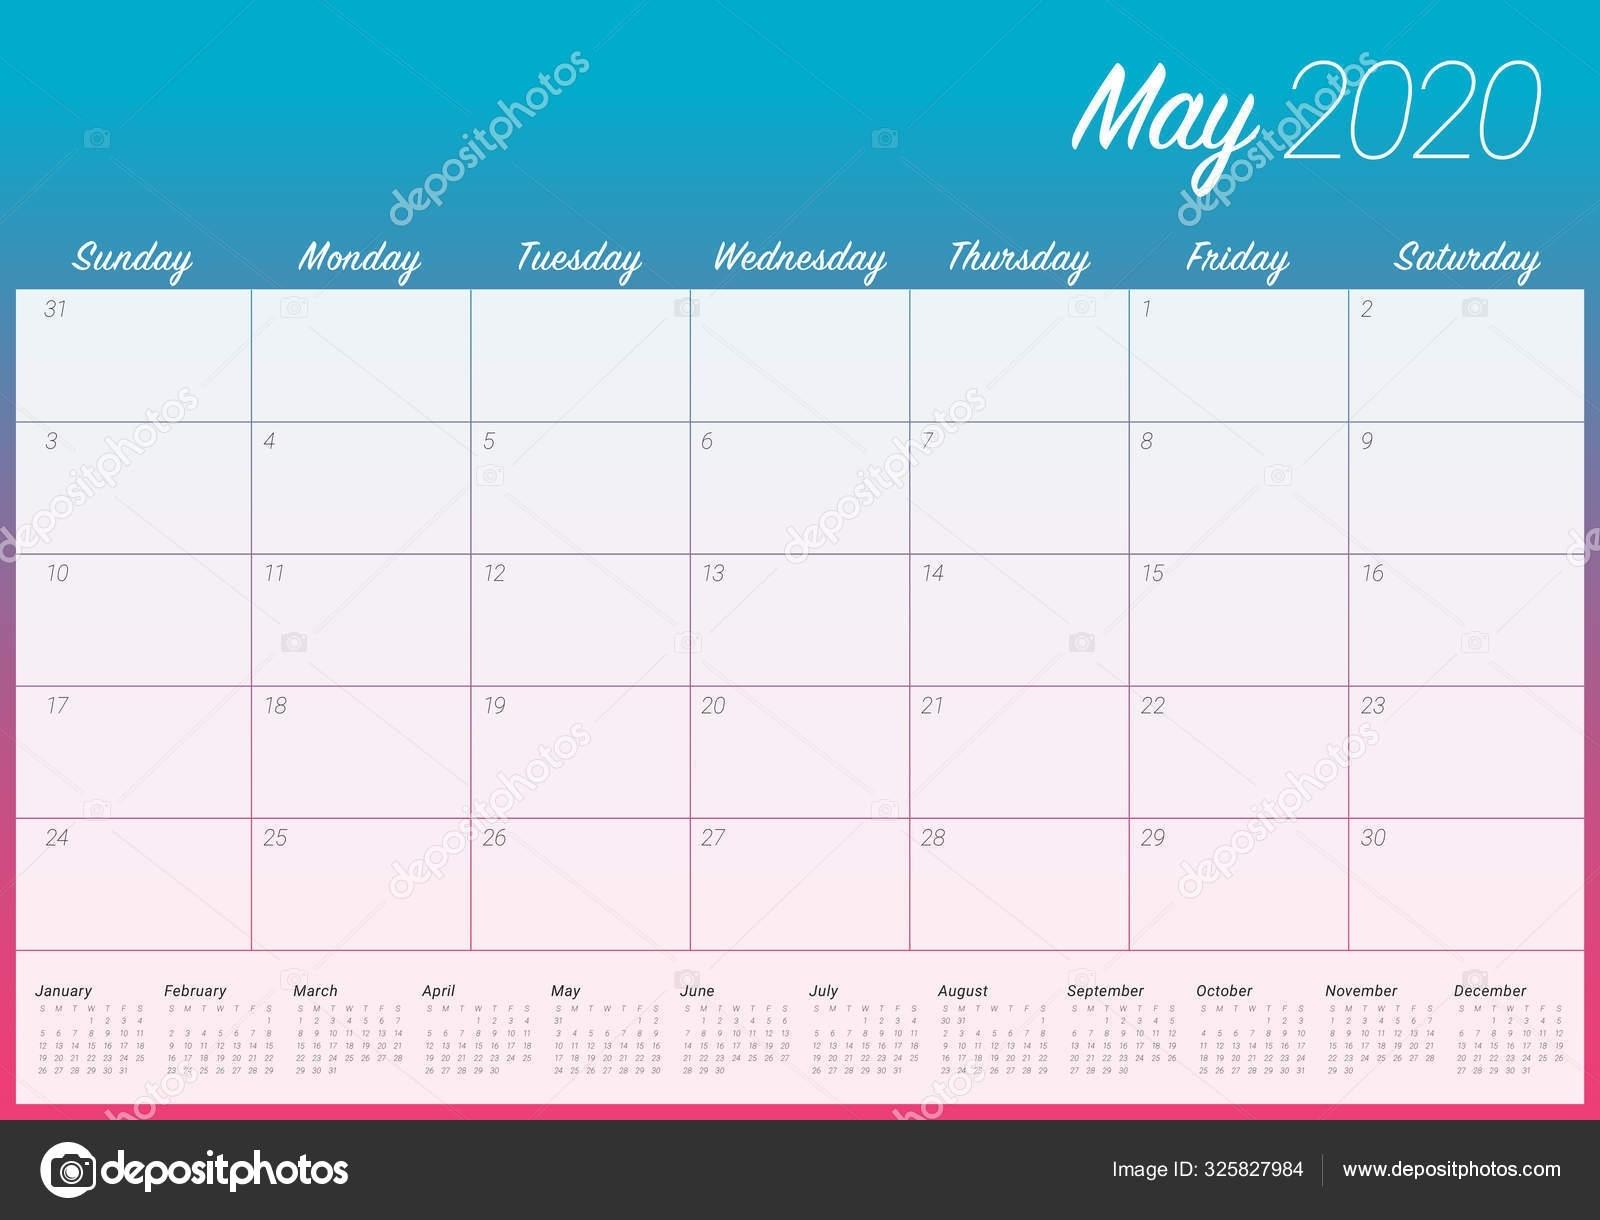 Depo Provera Calendar 2020 | Calendar Template Printable